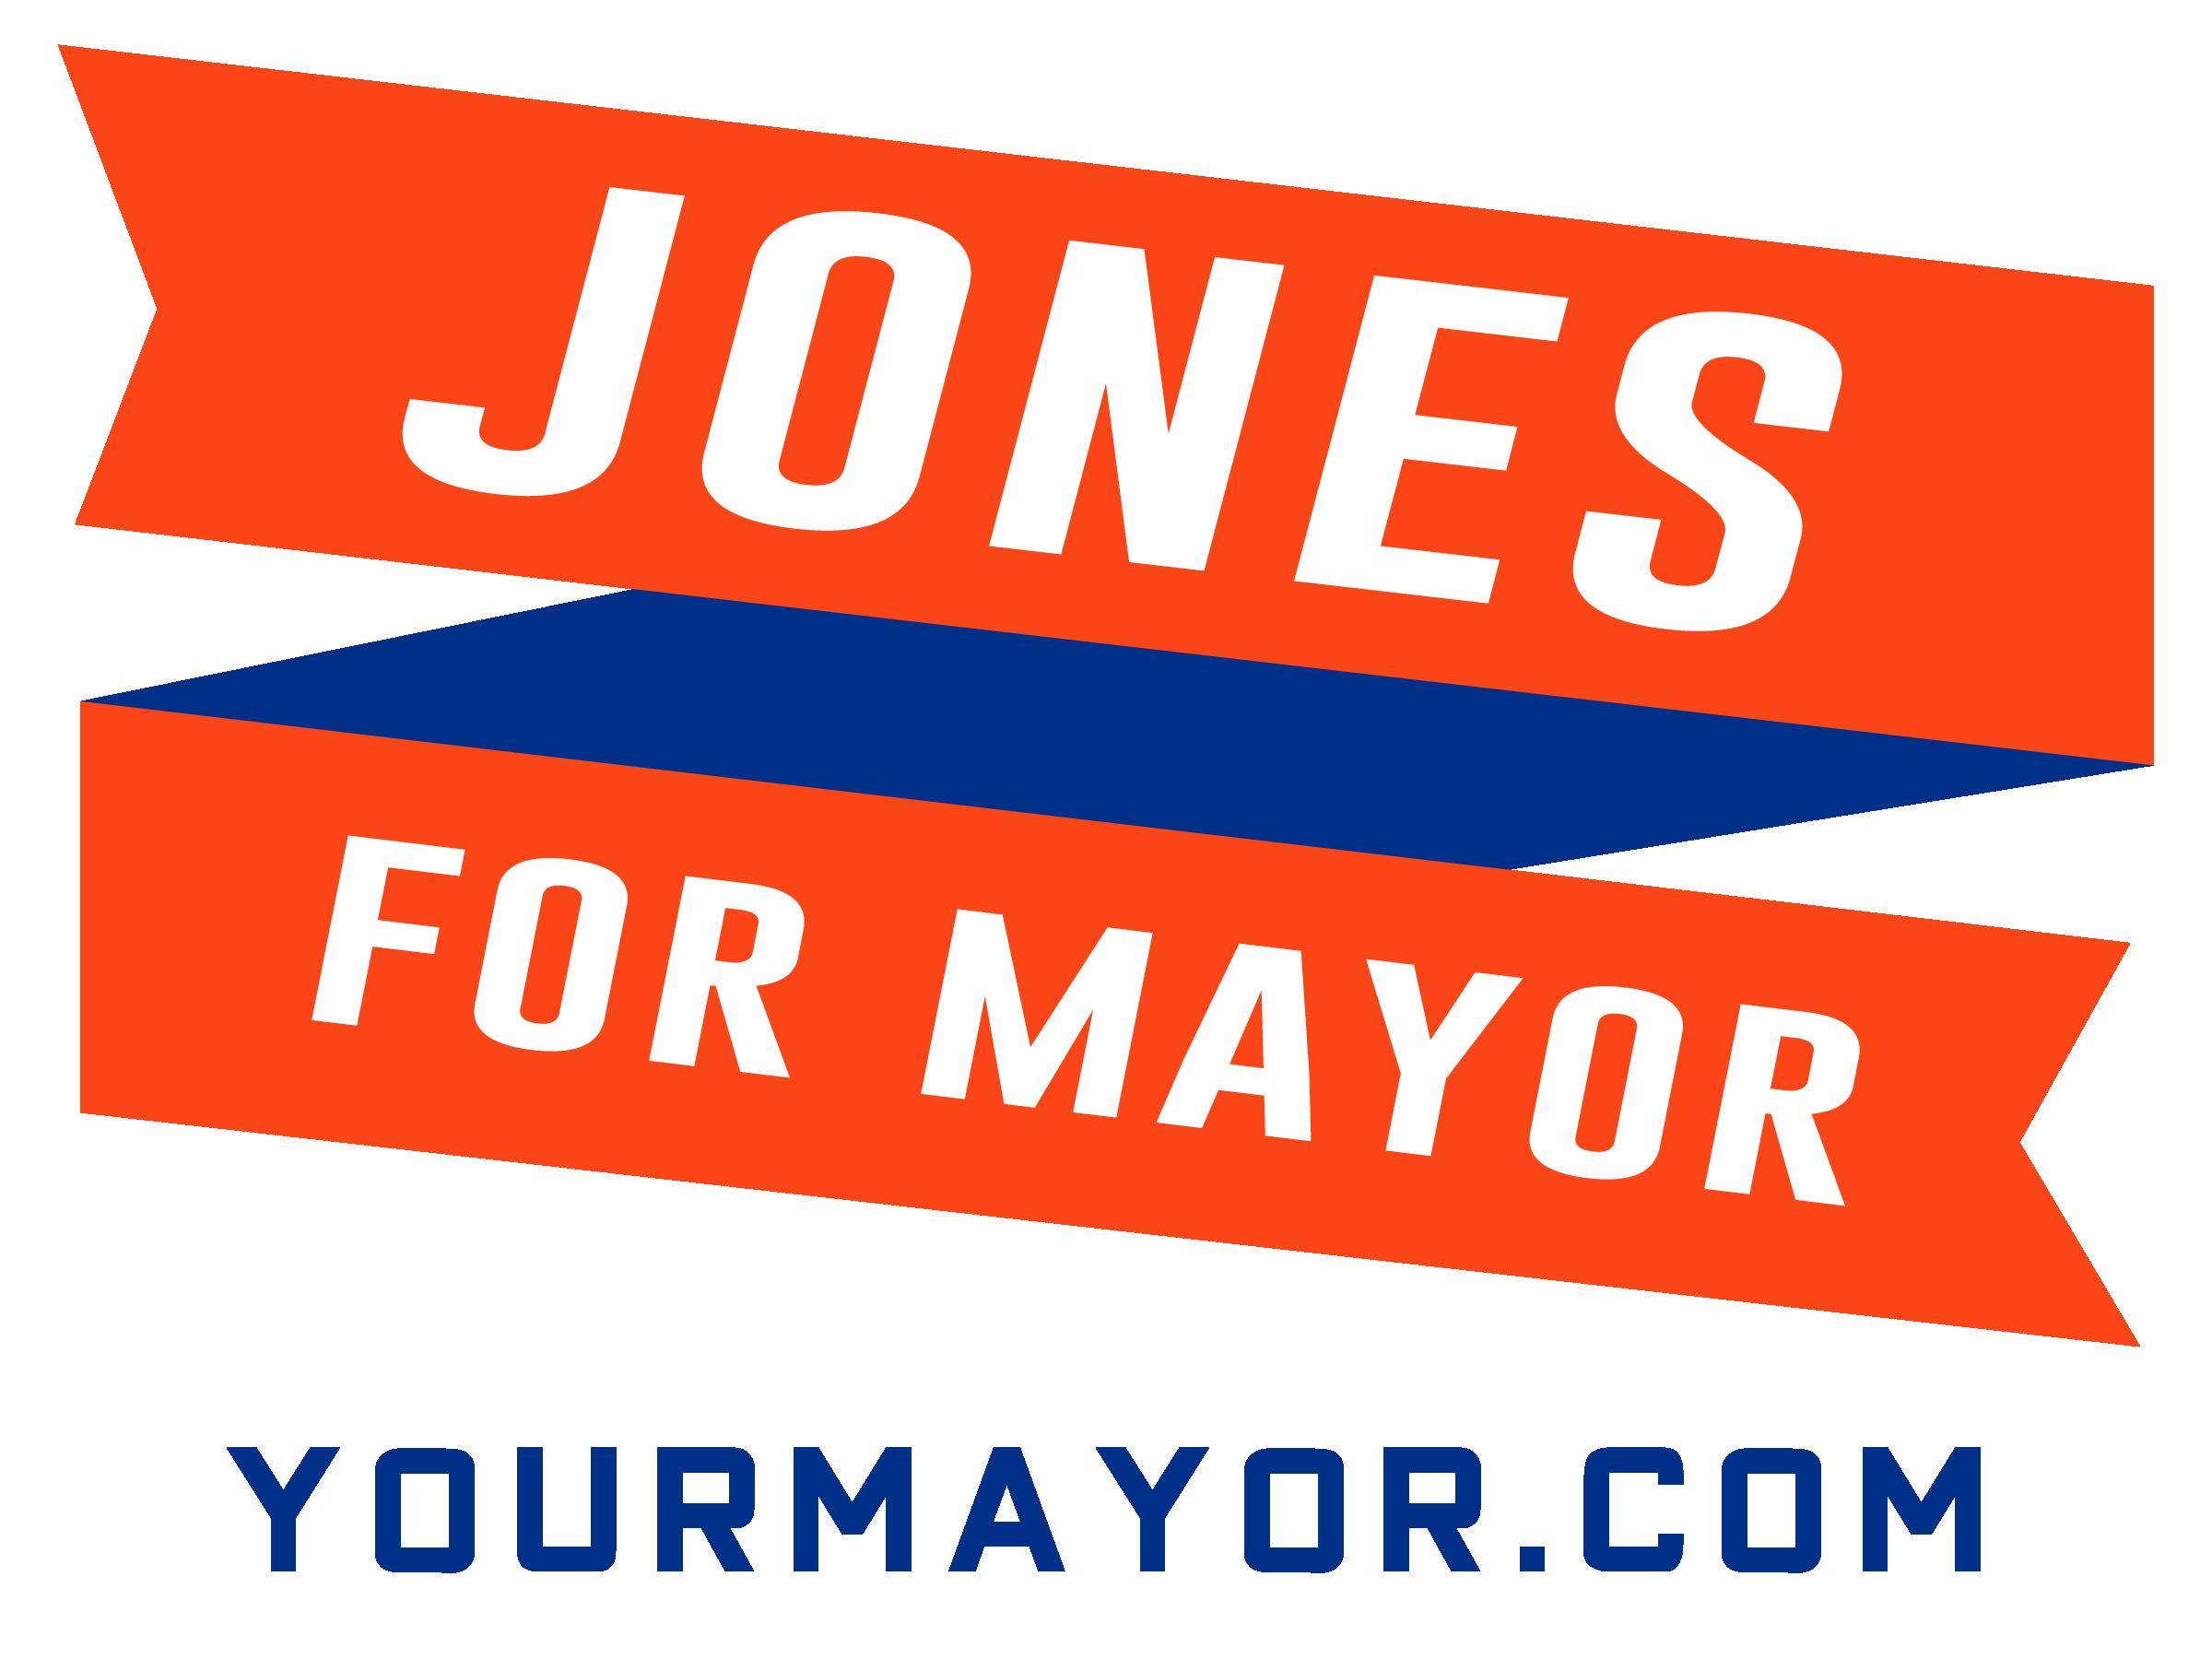 Jones Mayor Sign Wtih Website